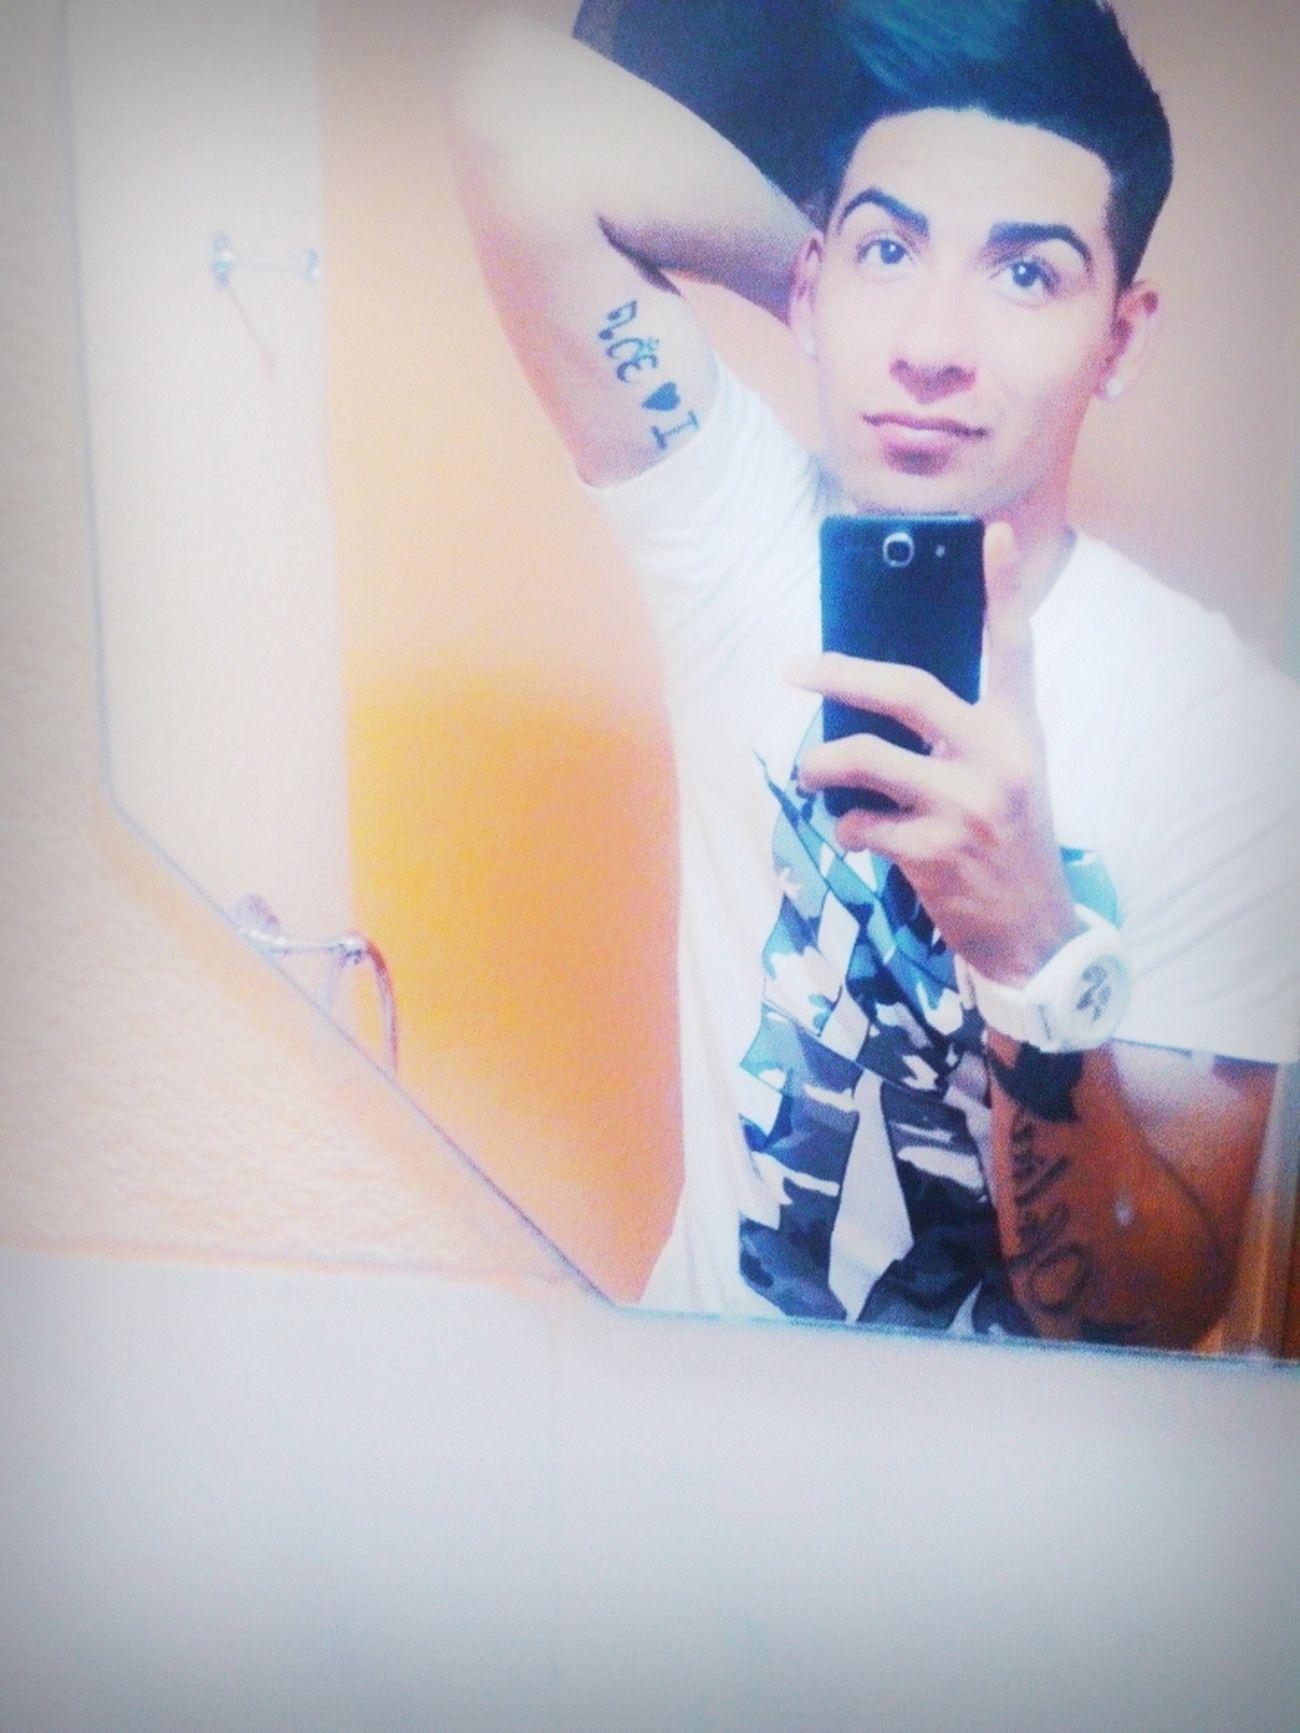 Hola ♥